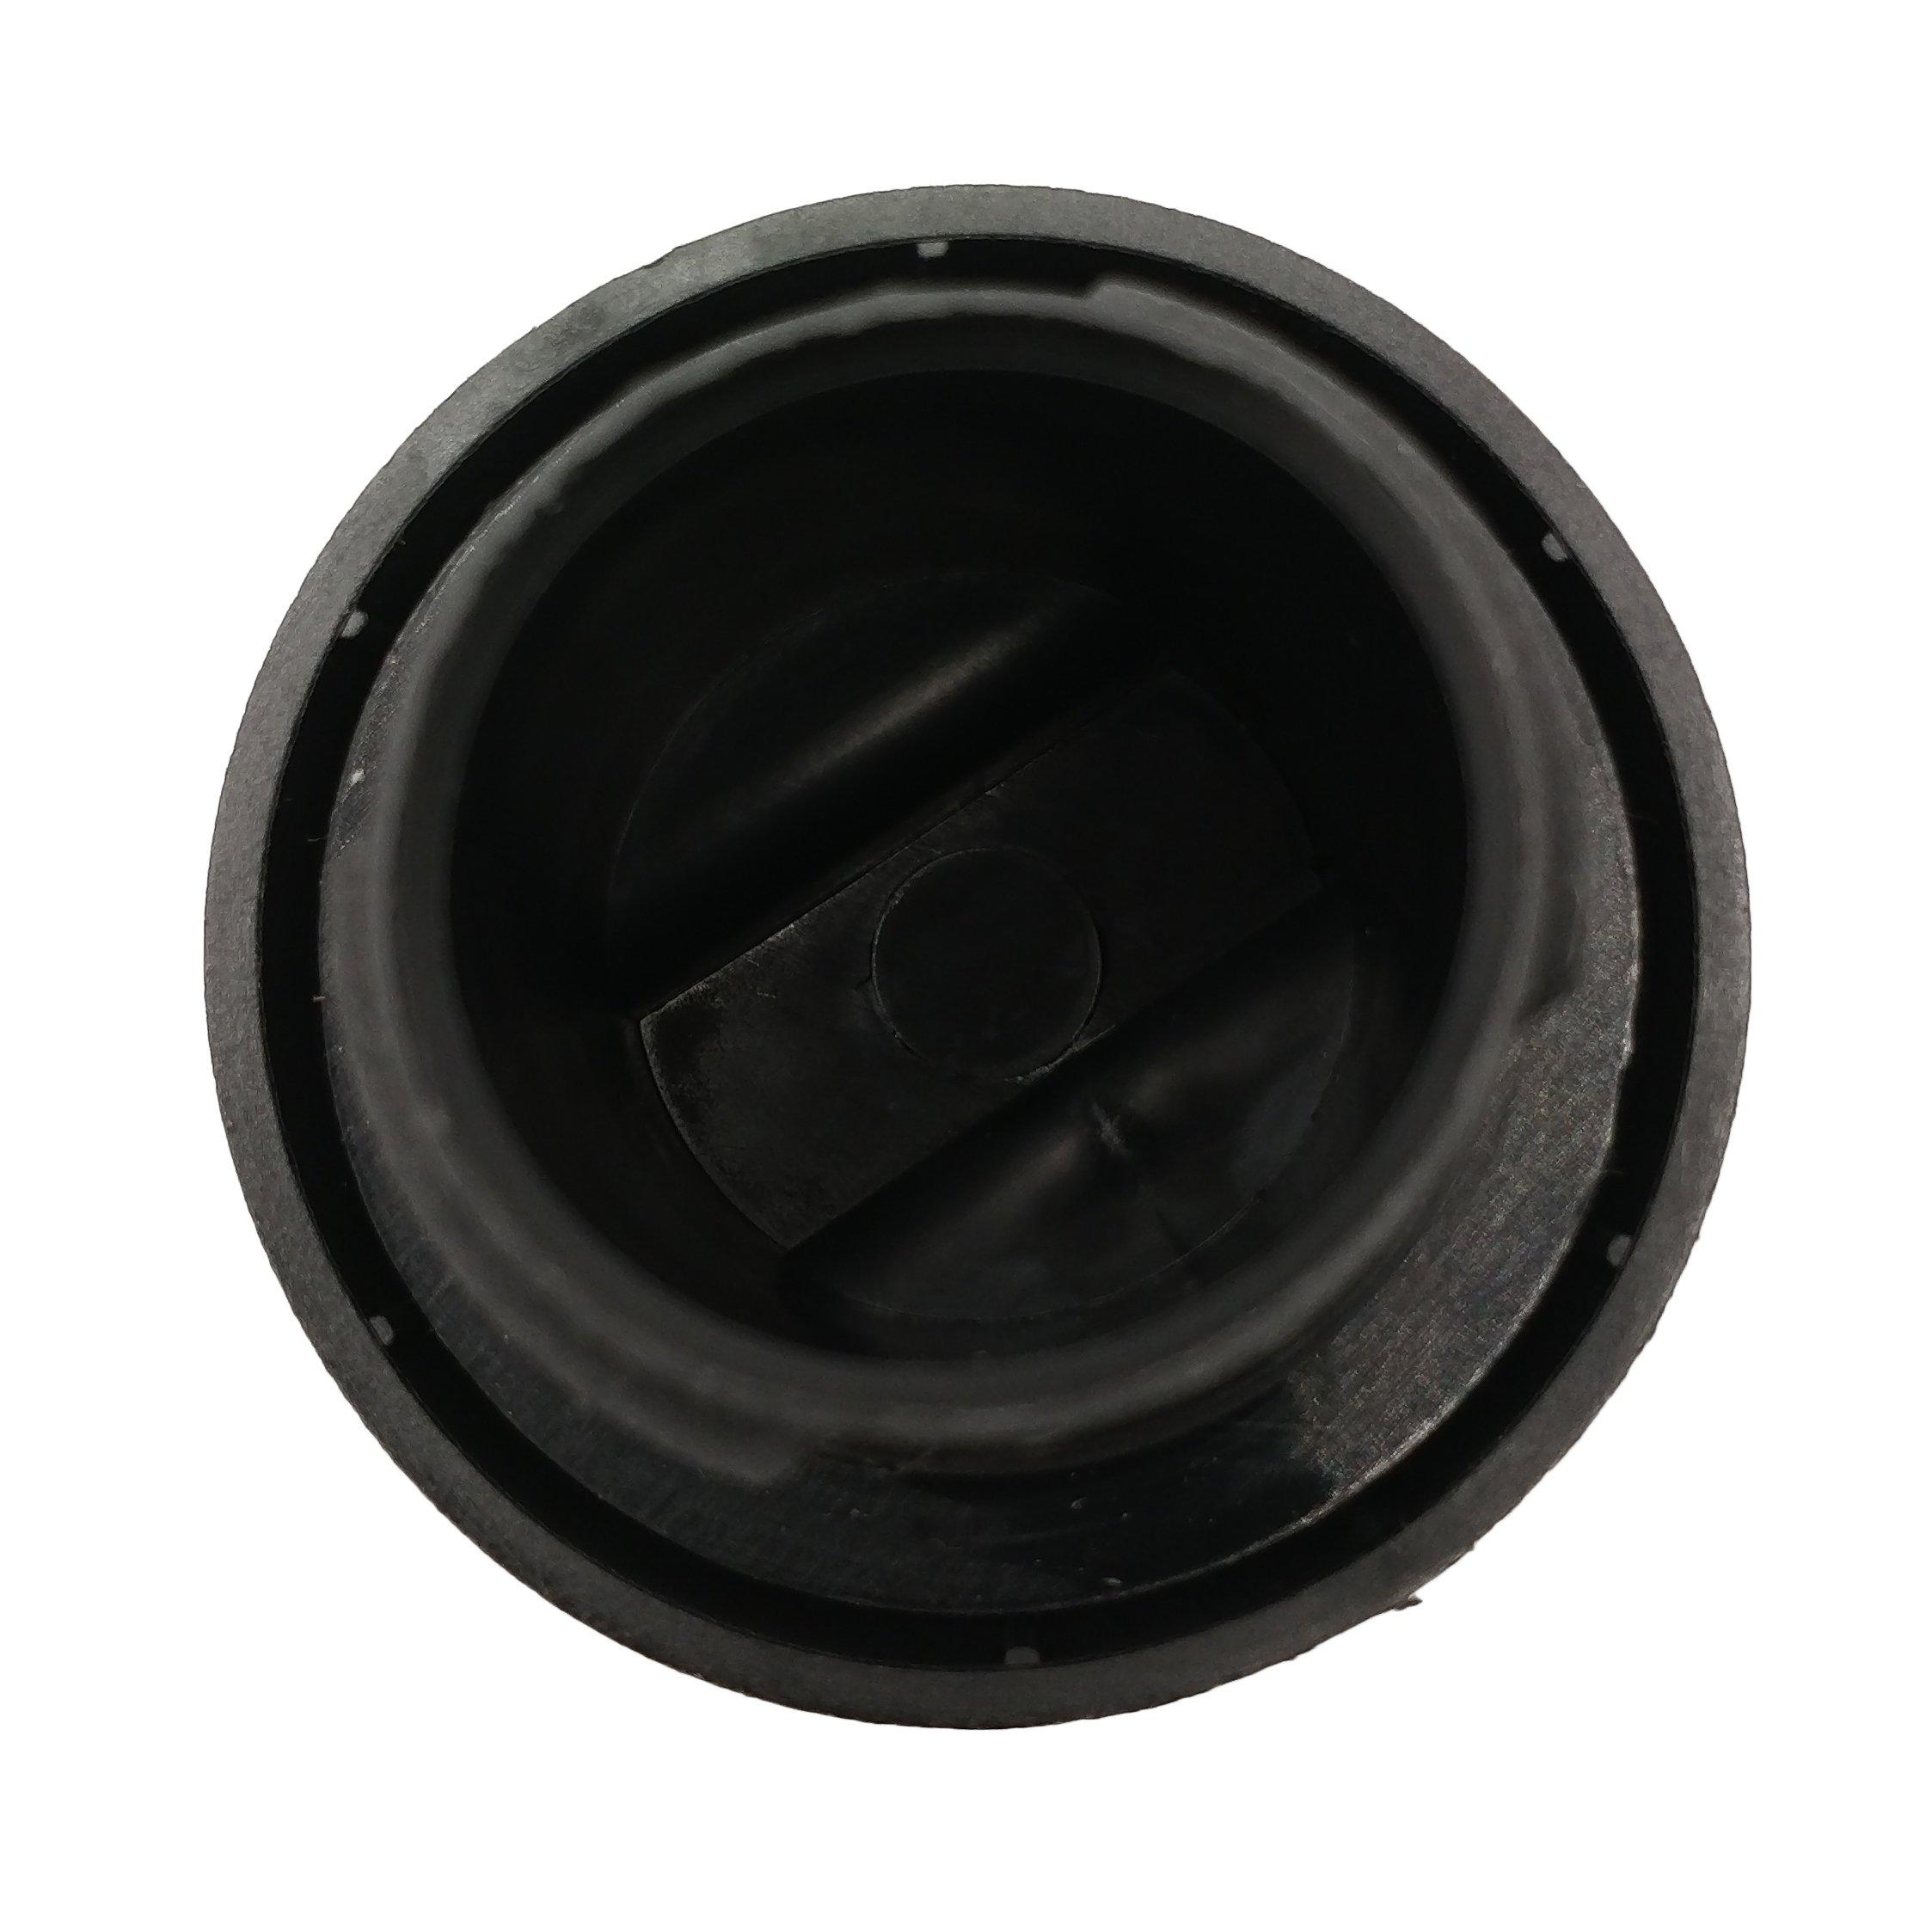 OKAY MOTOR Engine Oil Filler Cap for 07-12 Mini Cooper John Cooper Works S Clubman S Aspiration 1.6L N14